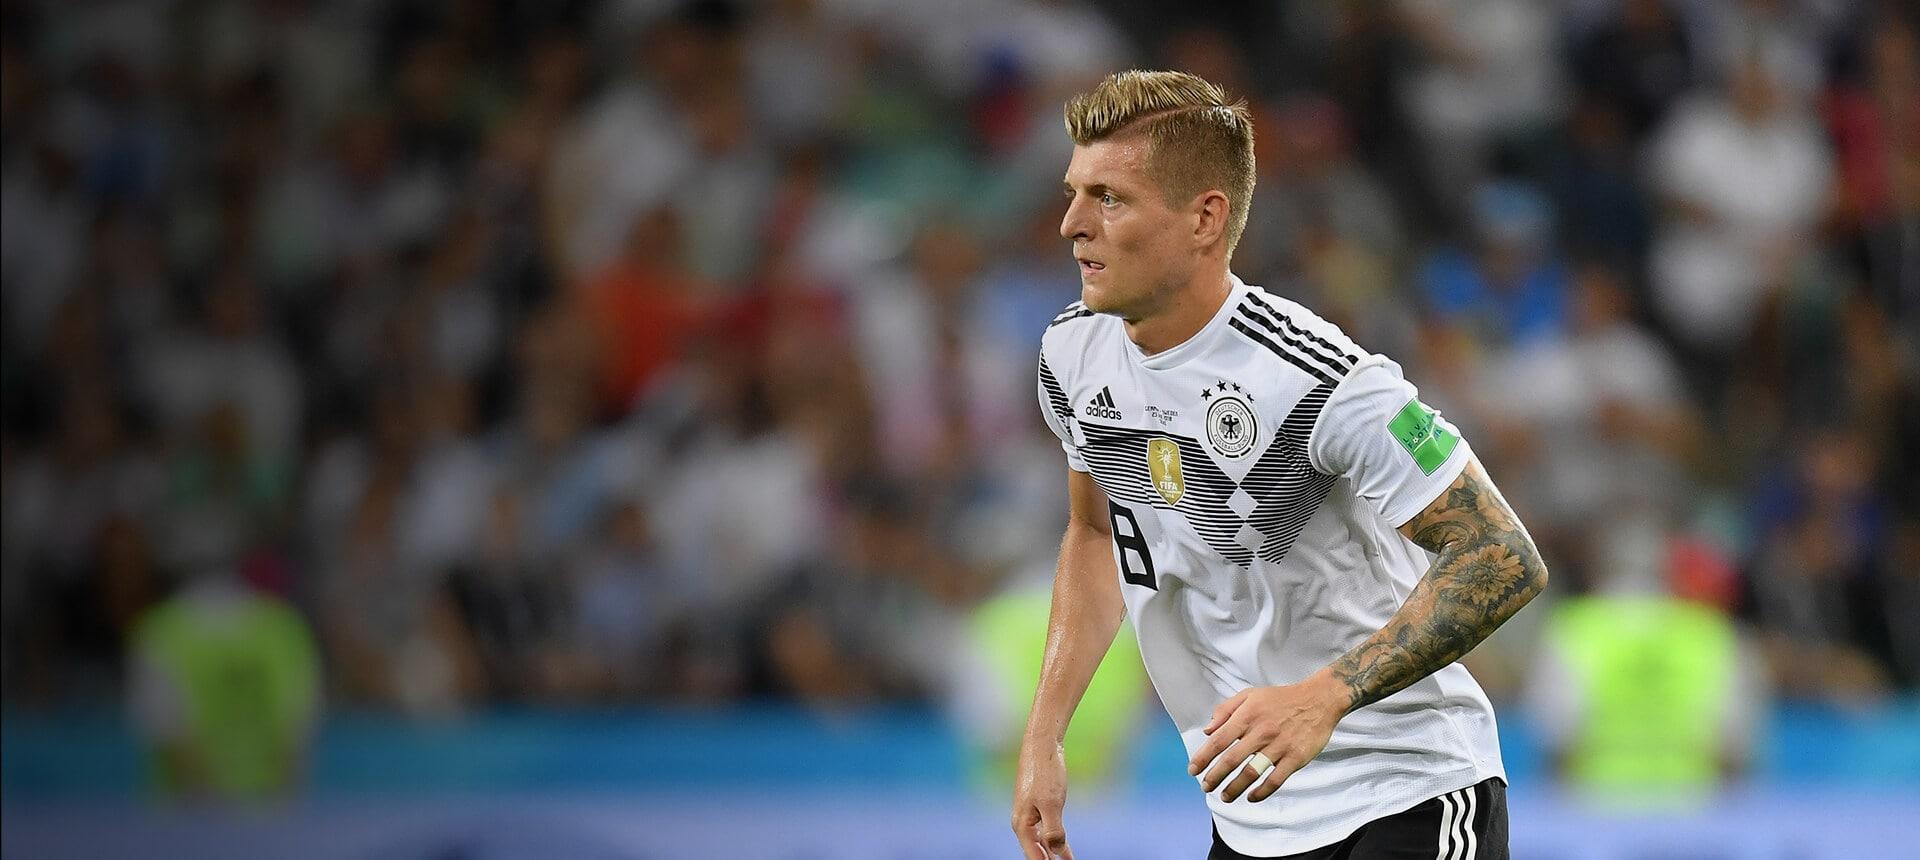 ffa6bf86a2901 Équipe nationale d Allemagne Coupe du Monde de la FIFA 2018 ...